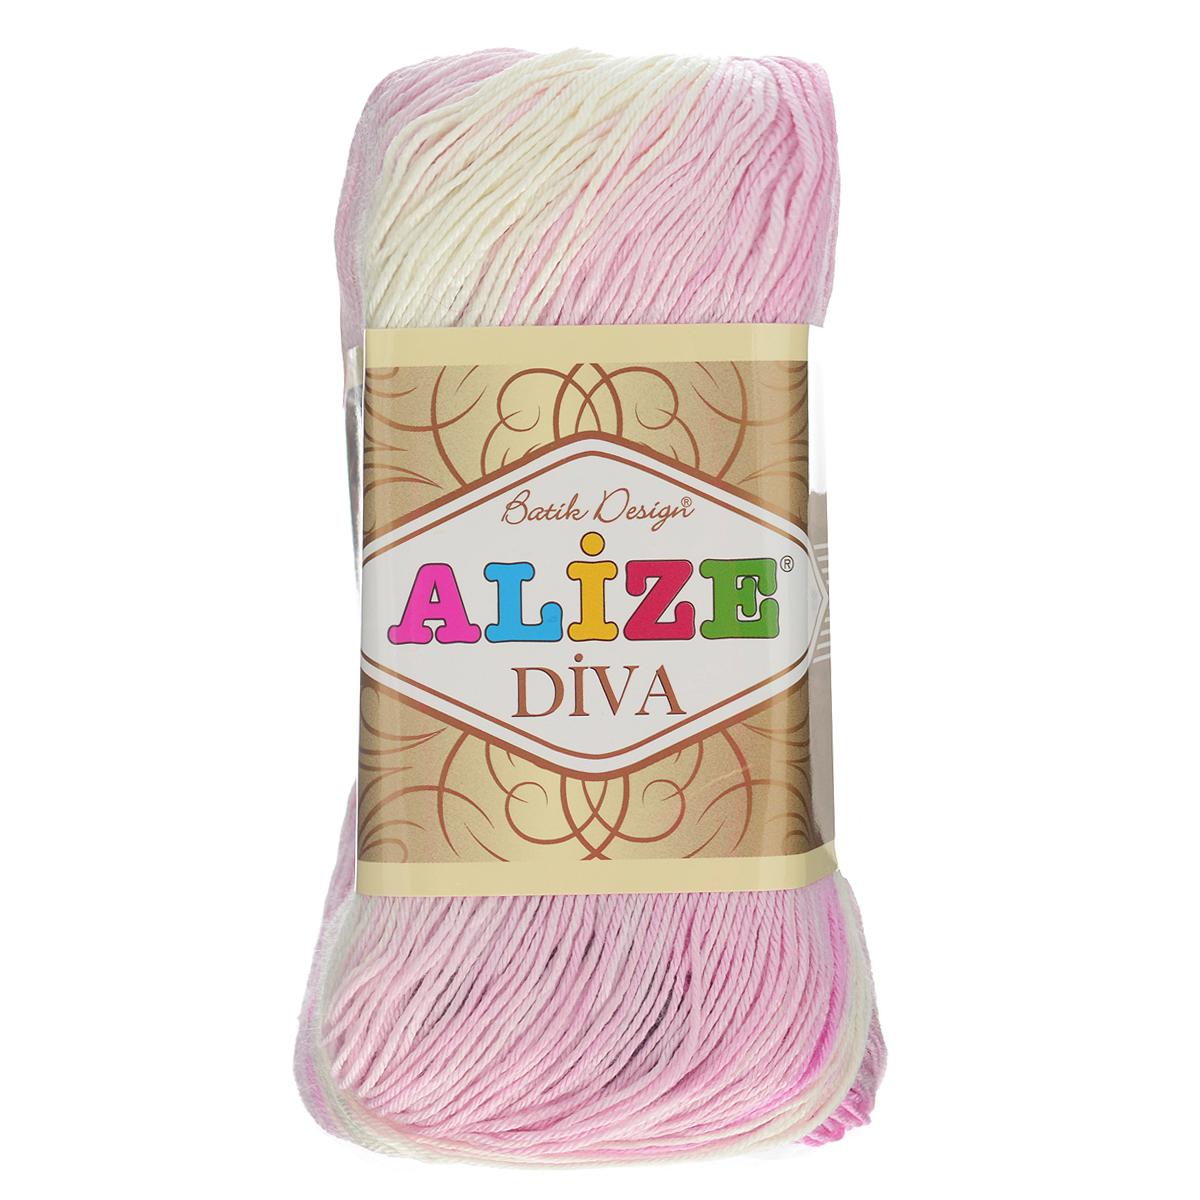 Пряжа для вязания Alize Diva. Batik Design, цвет: розовый, белый, серый (3245), 350 м, 100 г, 5 шт364119_3245Пряжа для вязания Alize Diva. Batik Design- это тщательно обработанная акриловая пряжа, которая приобретает вид мерсеризованной нити с эффектом шелка. Пряжа обладает отличными свойствами: мягкая, воздухопроницаемая, прочная. Пряжа из микрофибры считается материалом нового поколения. Легкая шелковистая пряжа удлиненной секции окрашивания для весенних или летних вещей. Приятная на ощупь, гигроскопичная она подойдет для сарафанов, туник, платьев, легких костюмов, кофт, шалей и накидок. Пряжа не скатывается, не вызывает аллергию, не линяет и не оставляет ворсинок на другой одежде. Рекомендации по уходу: деликатная ручная стирка при 30°С, не отжимать в стиральной машине, не отбеливать хлорсодержащими веществами. Глажение на минимальной температуре. Сушите на горизонтальной поверхности: предварительно придав изделию естественную форму. Рекомендованный размер спиц: №2,5-3,5. Рекомендованный размер крючка: №1-3. Толщина нити: 1 мм.